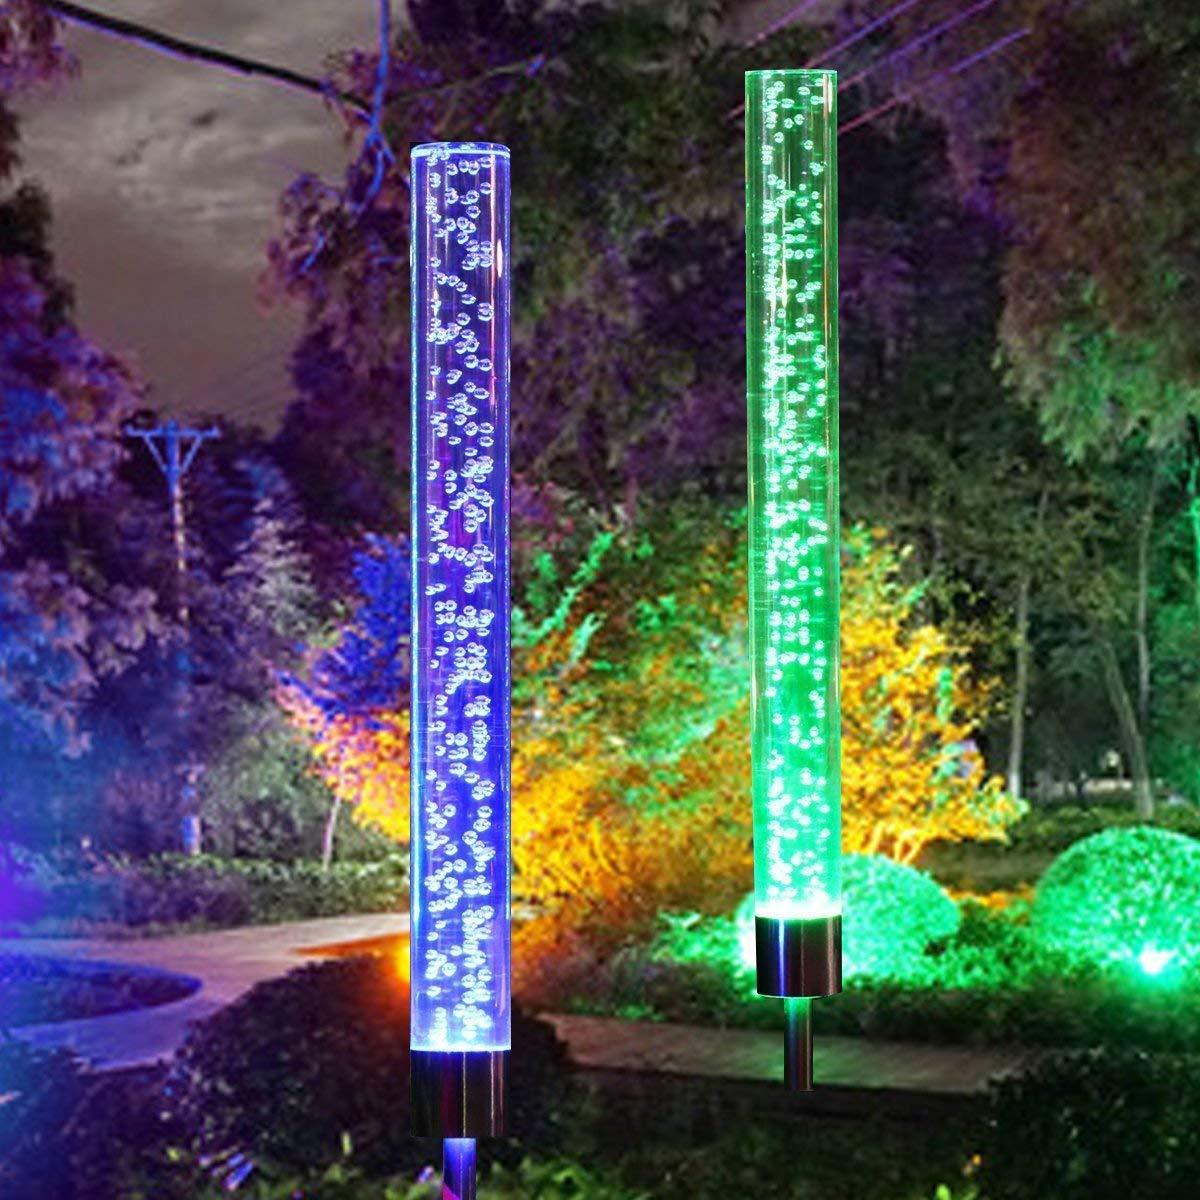 Lámparas solares para jardín, EEIEER 2 piezas Lámpara prueba de agua inalámbrico de acero inoxidable Stake Lights Bubble Lights Color RGB Paisaje al aire libre Decoración para patio, césped: Amazon.es: Iluminación